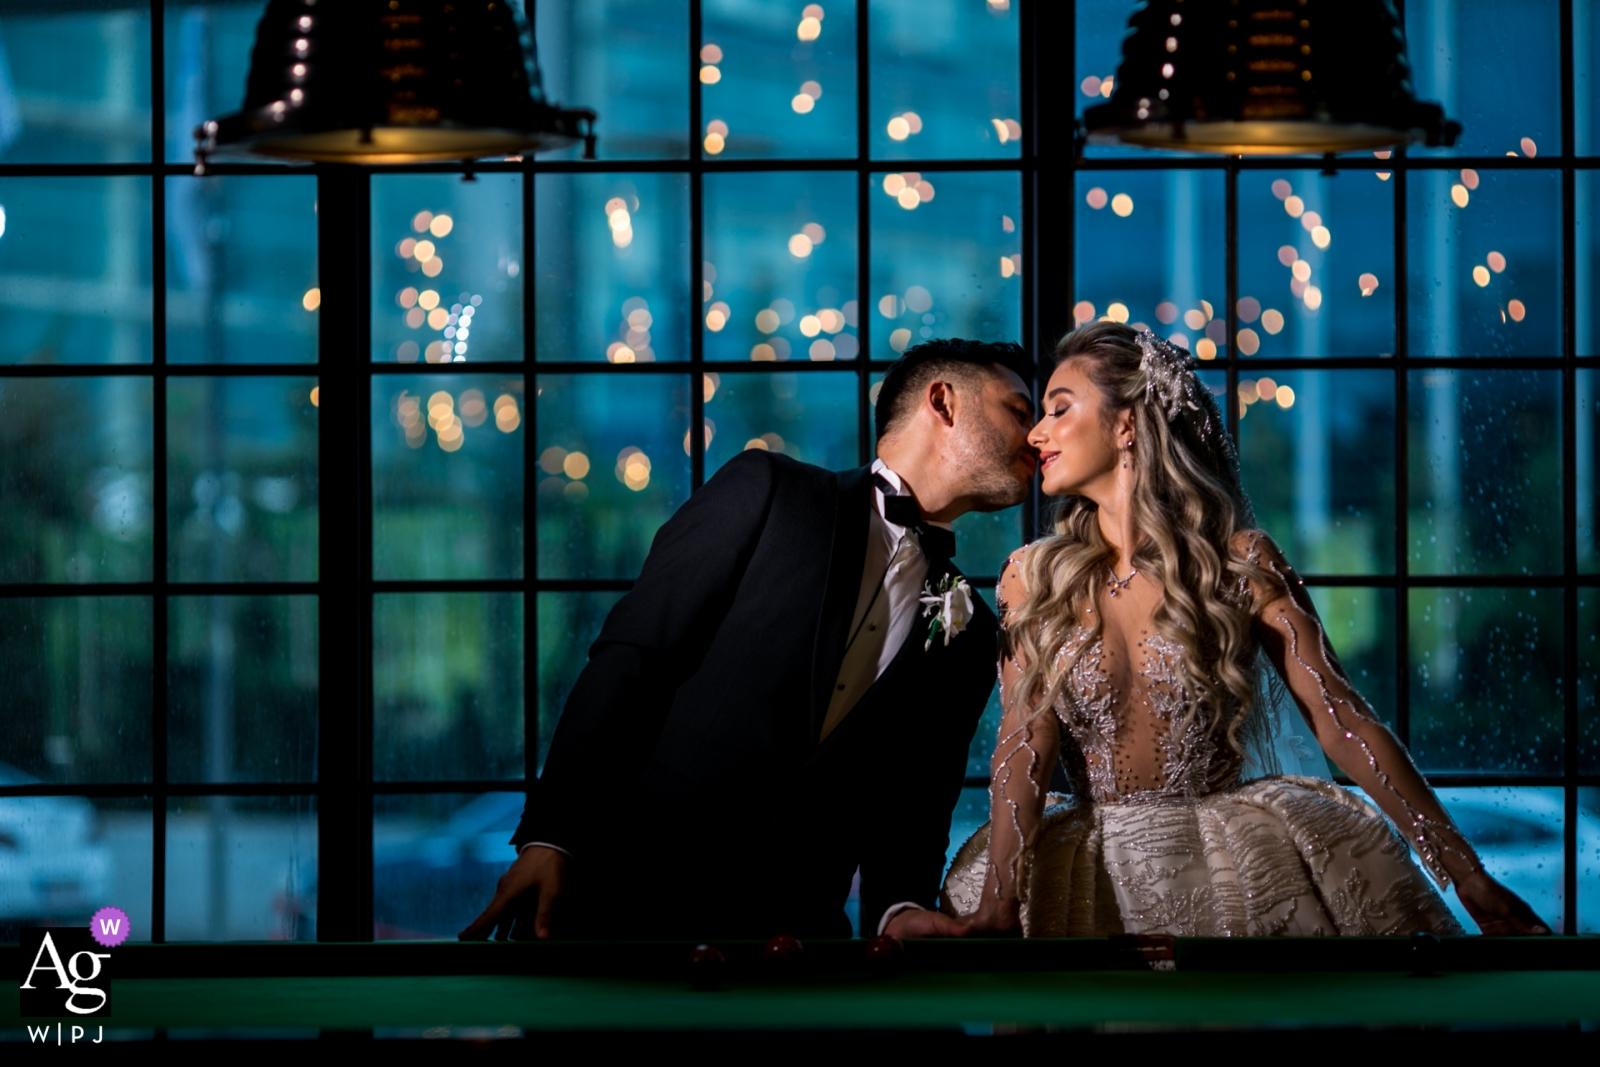 Orçun Yalçın is an artistic wedding photographer for Ankara